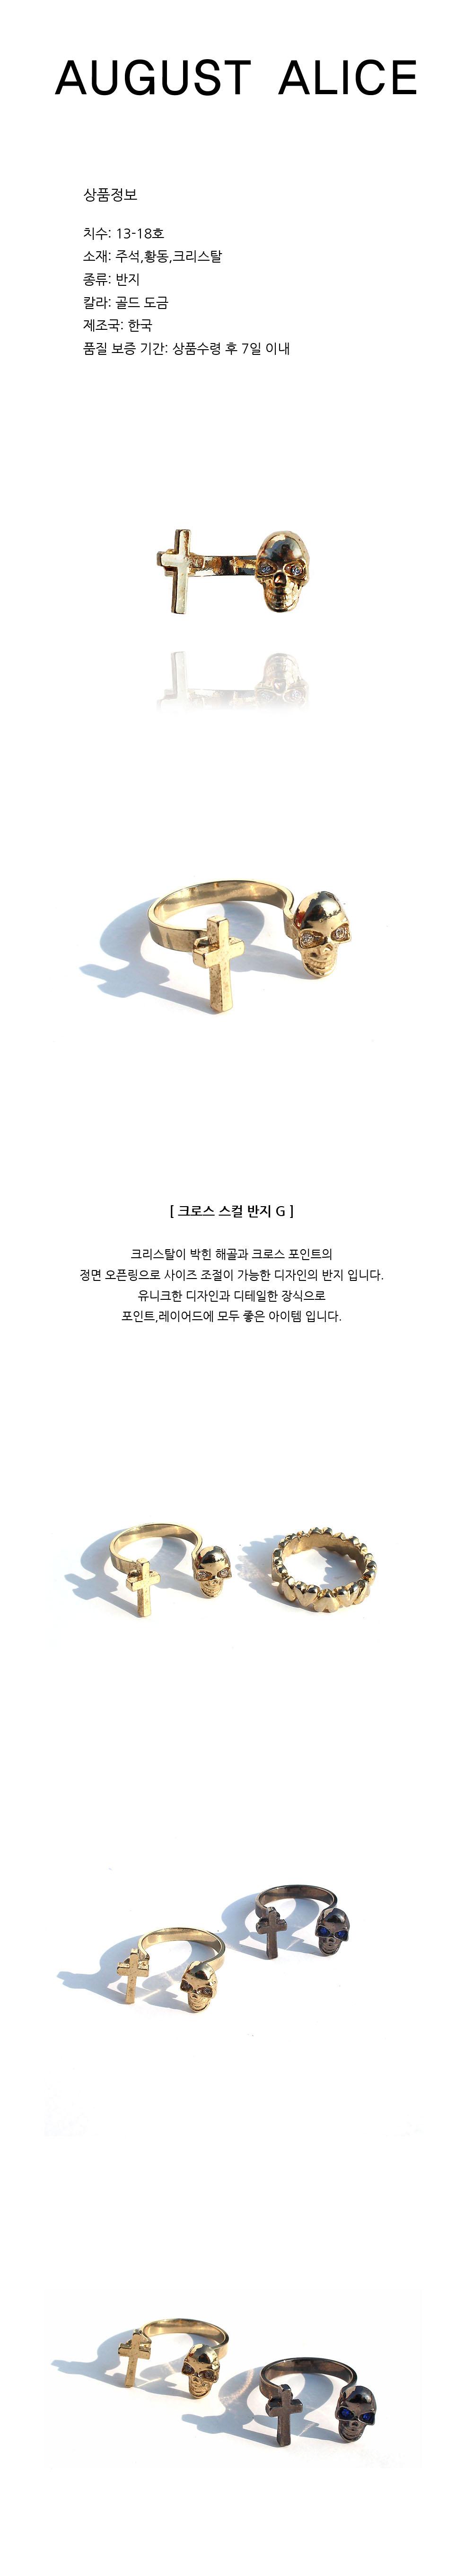 크로스 스컬 반지 골드 - 어거스트 앨리스, 11,000원, 패션, 패션반지